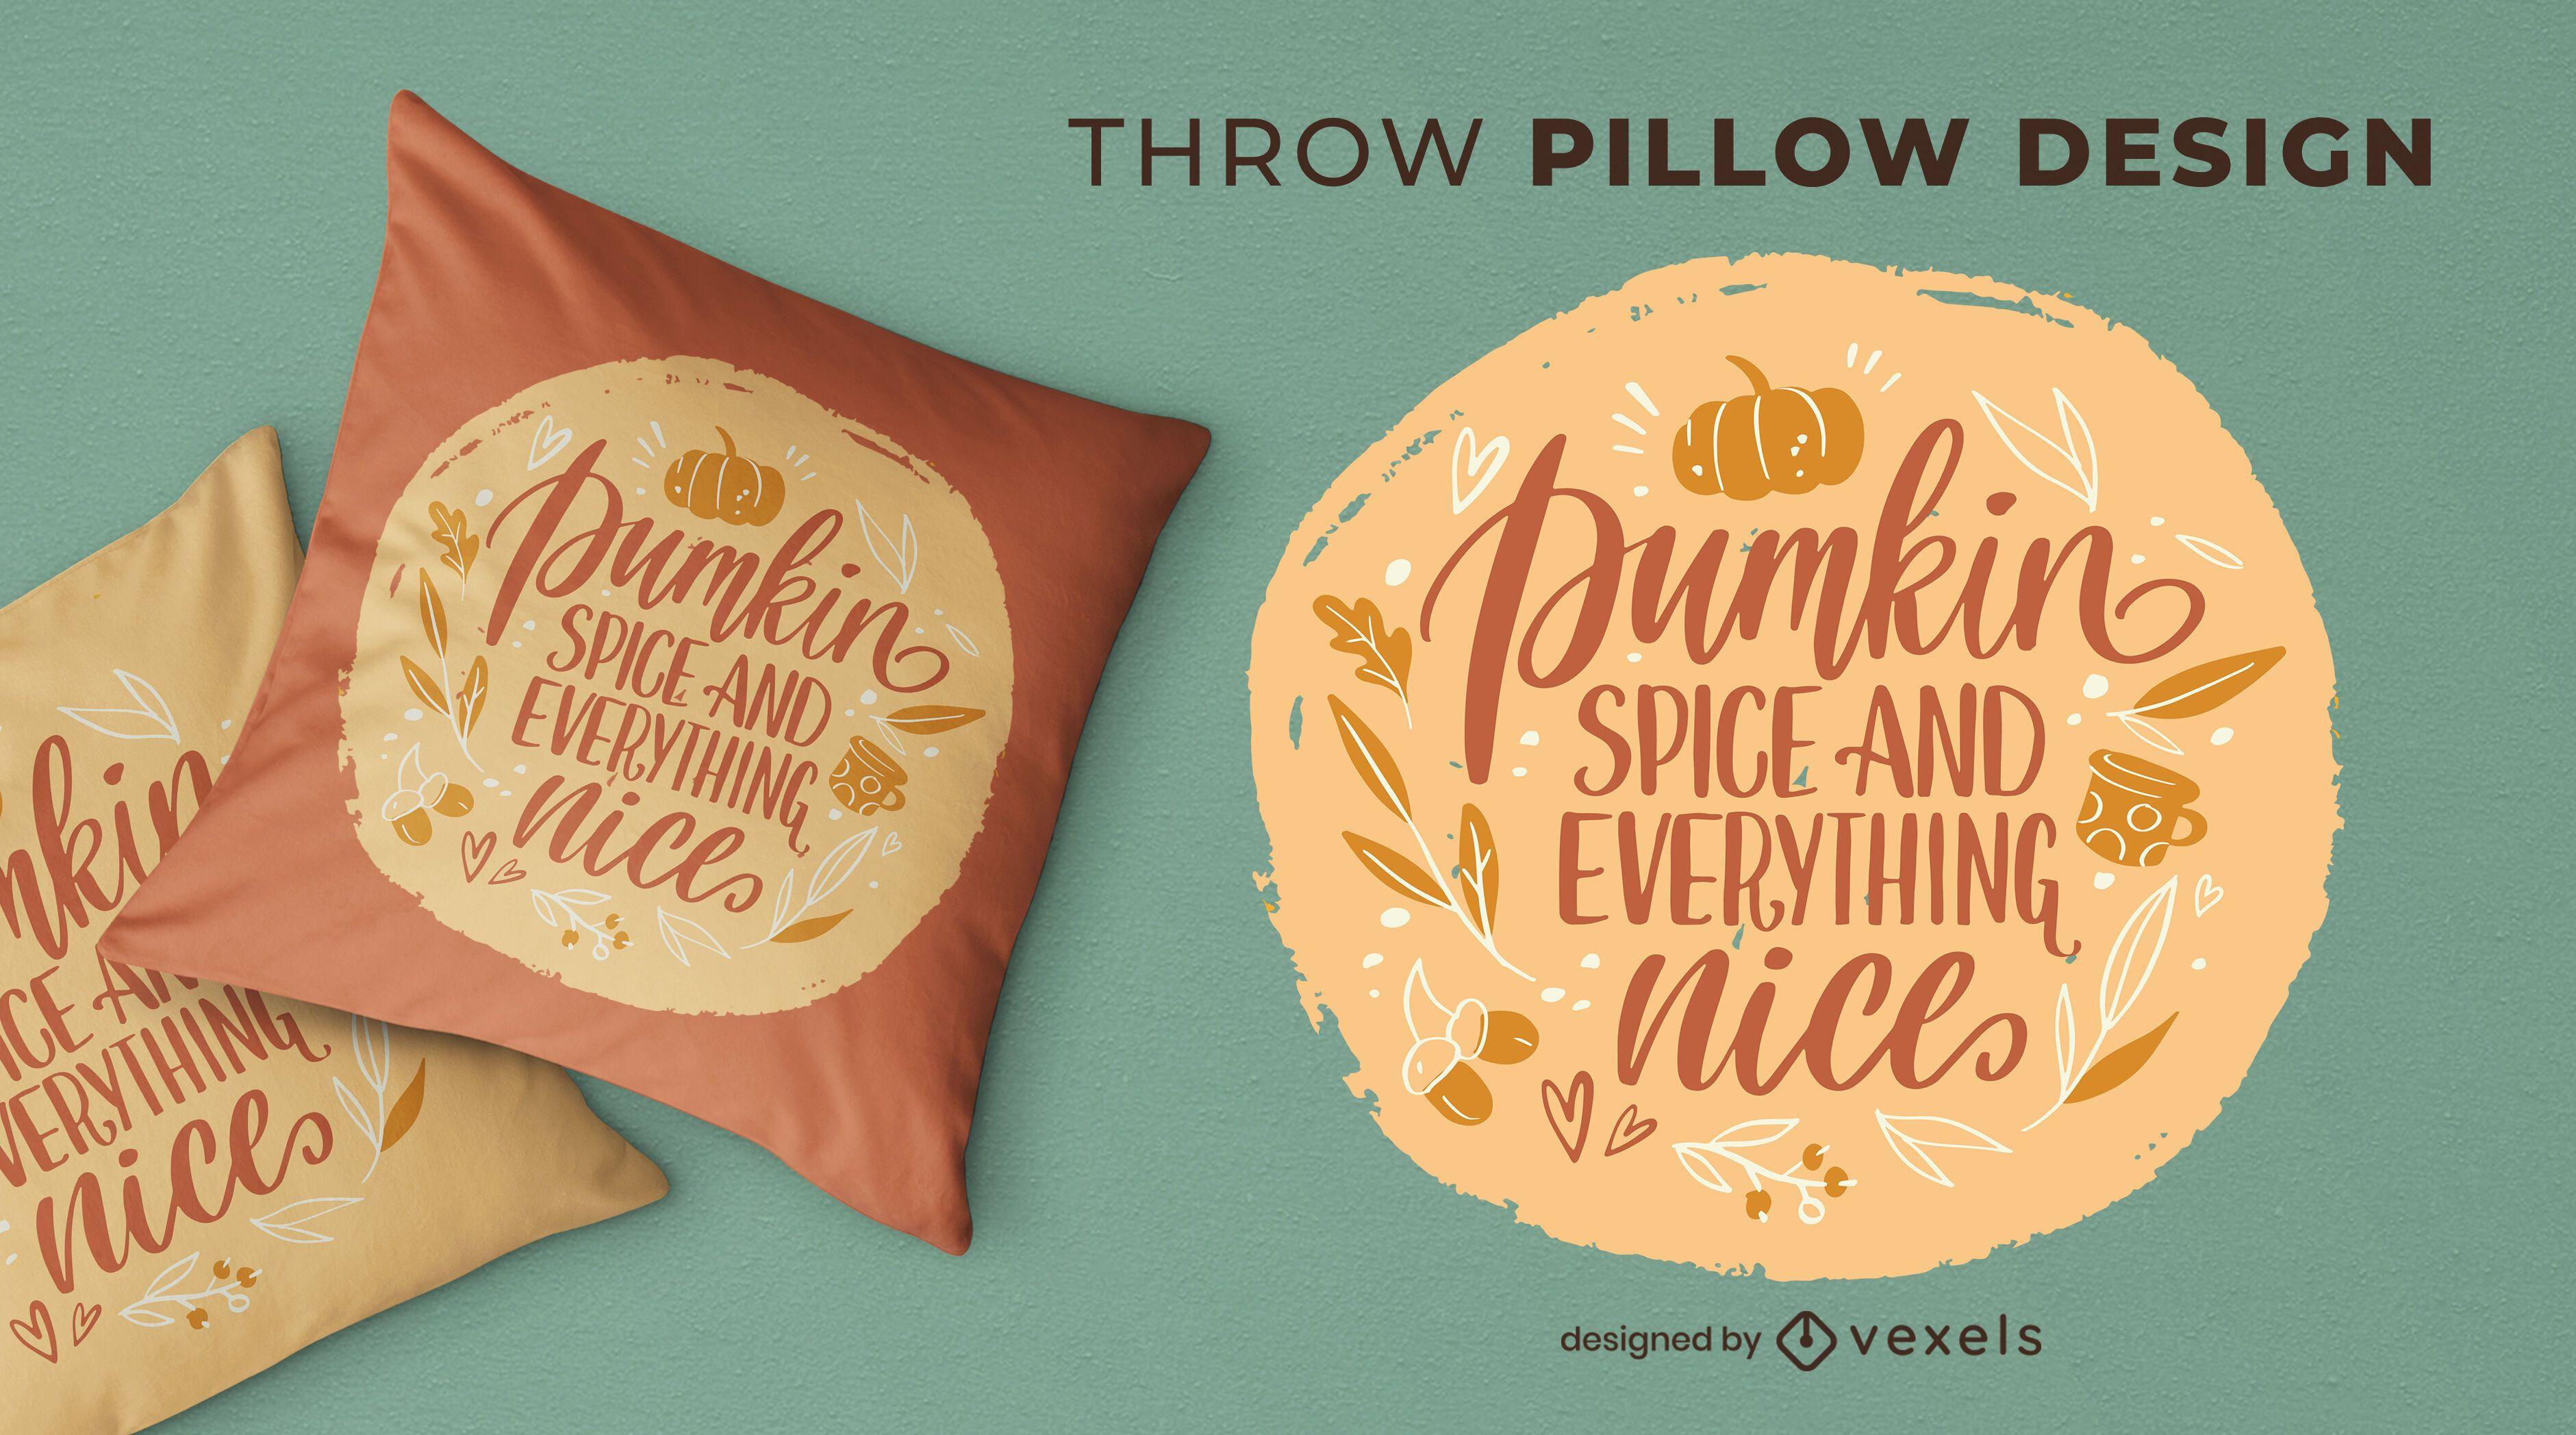 Design de almofada com letras para a temporada de outono